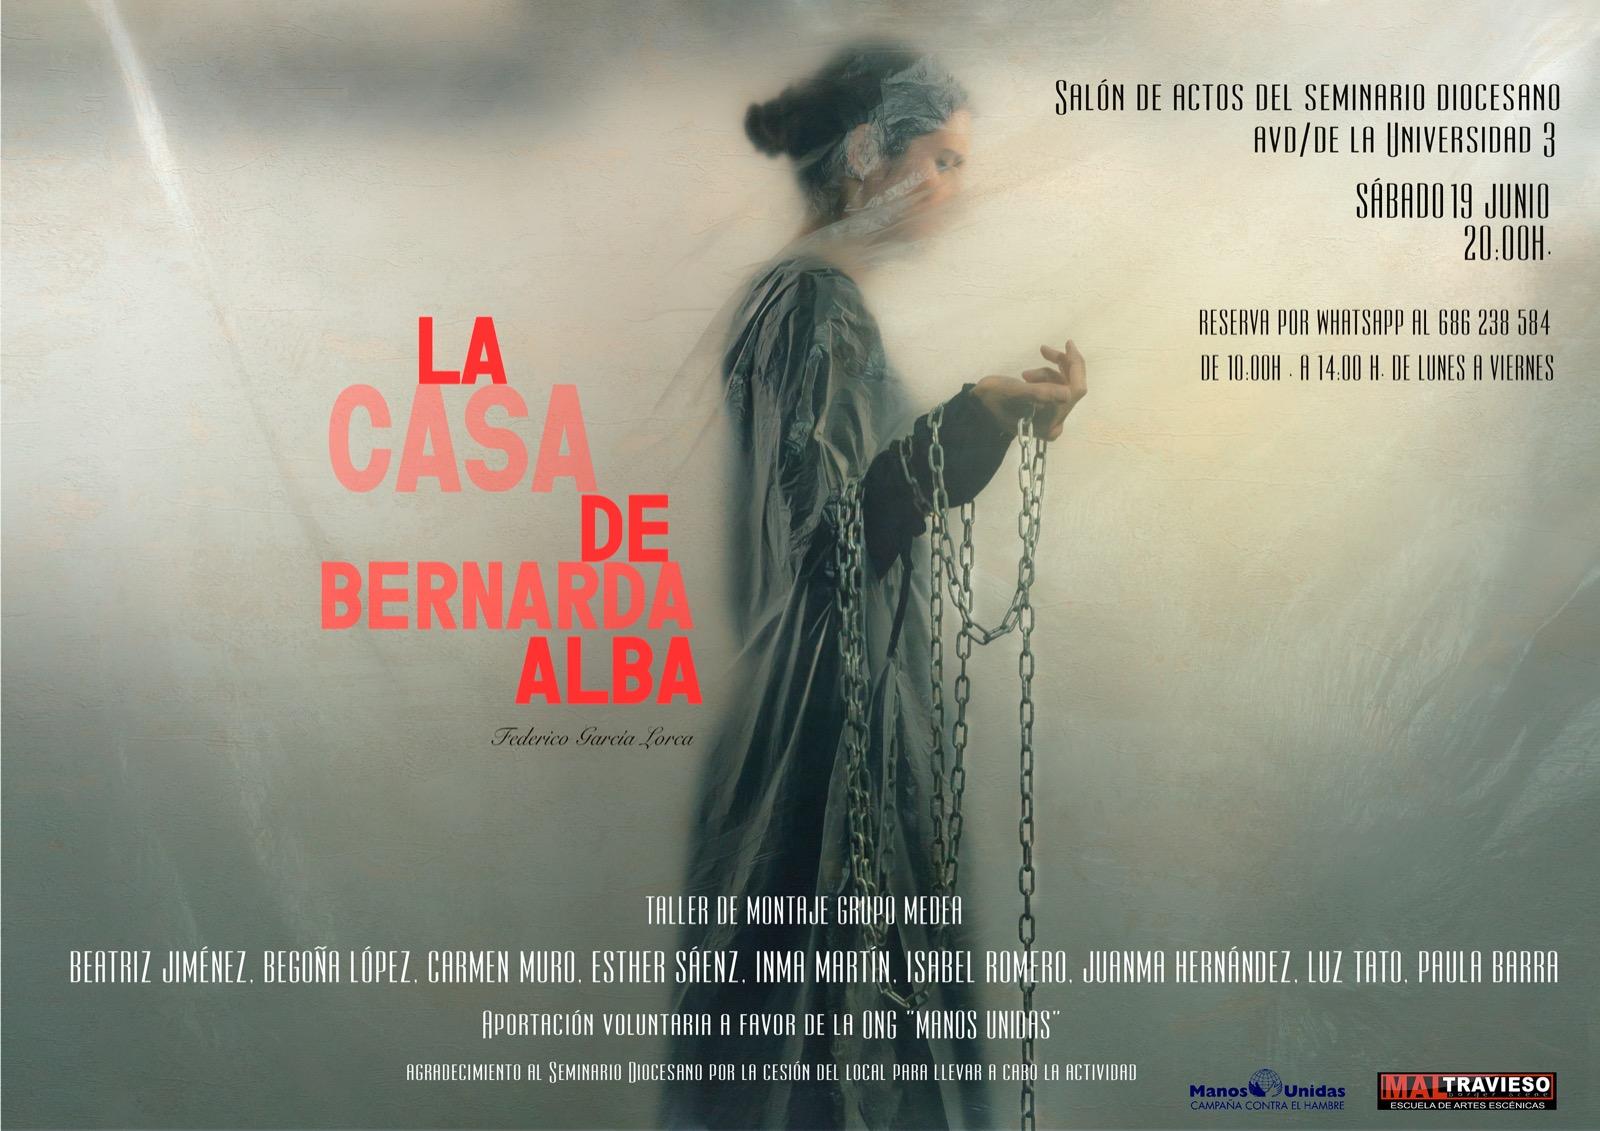 'La Casa de Bernarda Alba' Grupo Medea. Maltravieso Teatro